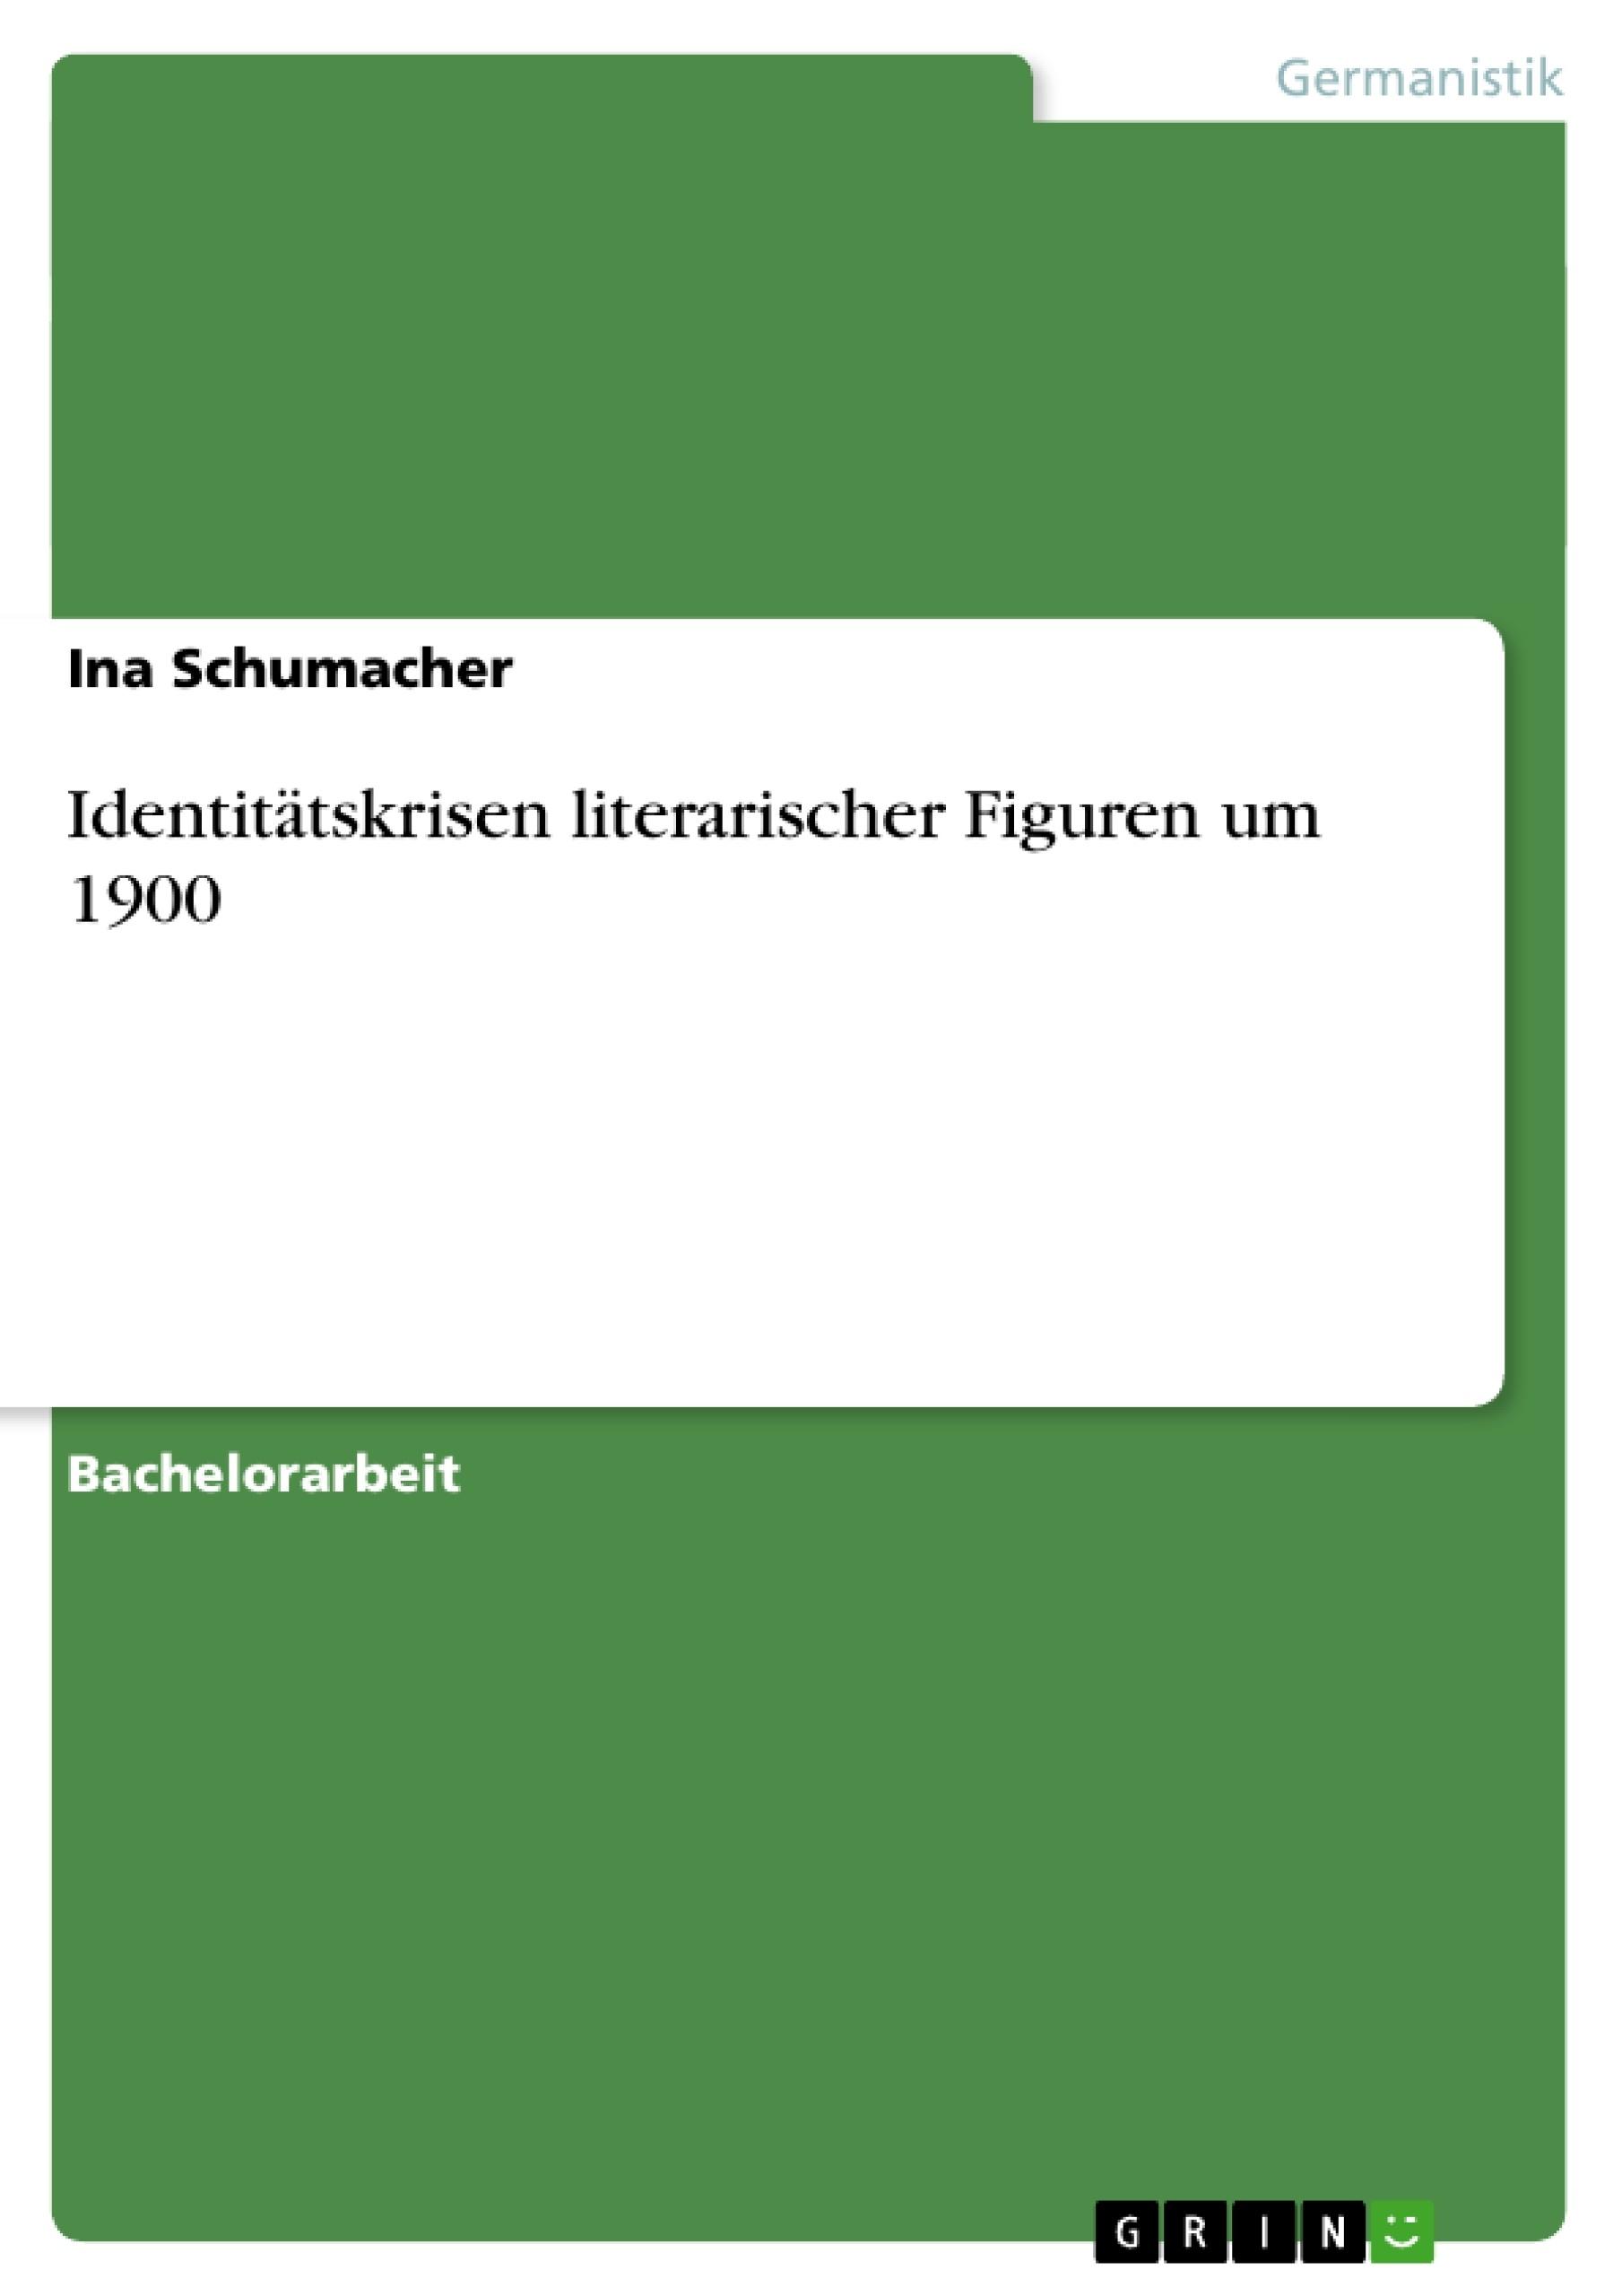 Titel: Identitätskrisen literarischer Figuren um 1900